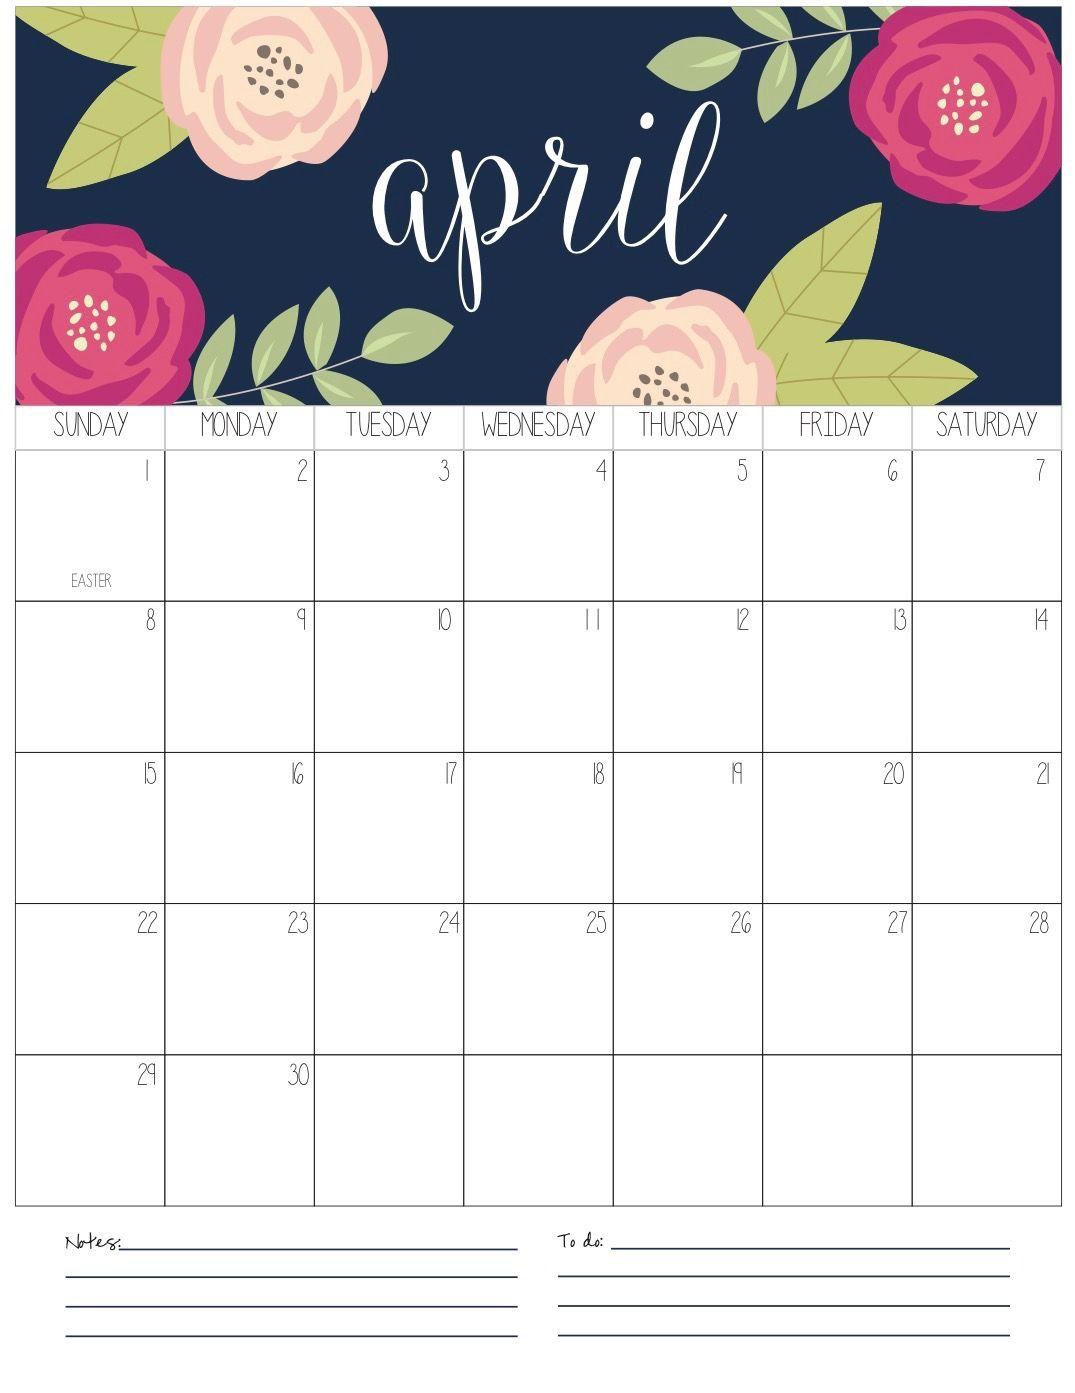 April 2018 Undangan Pernikahan Pencetakan Desain